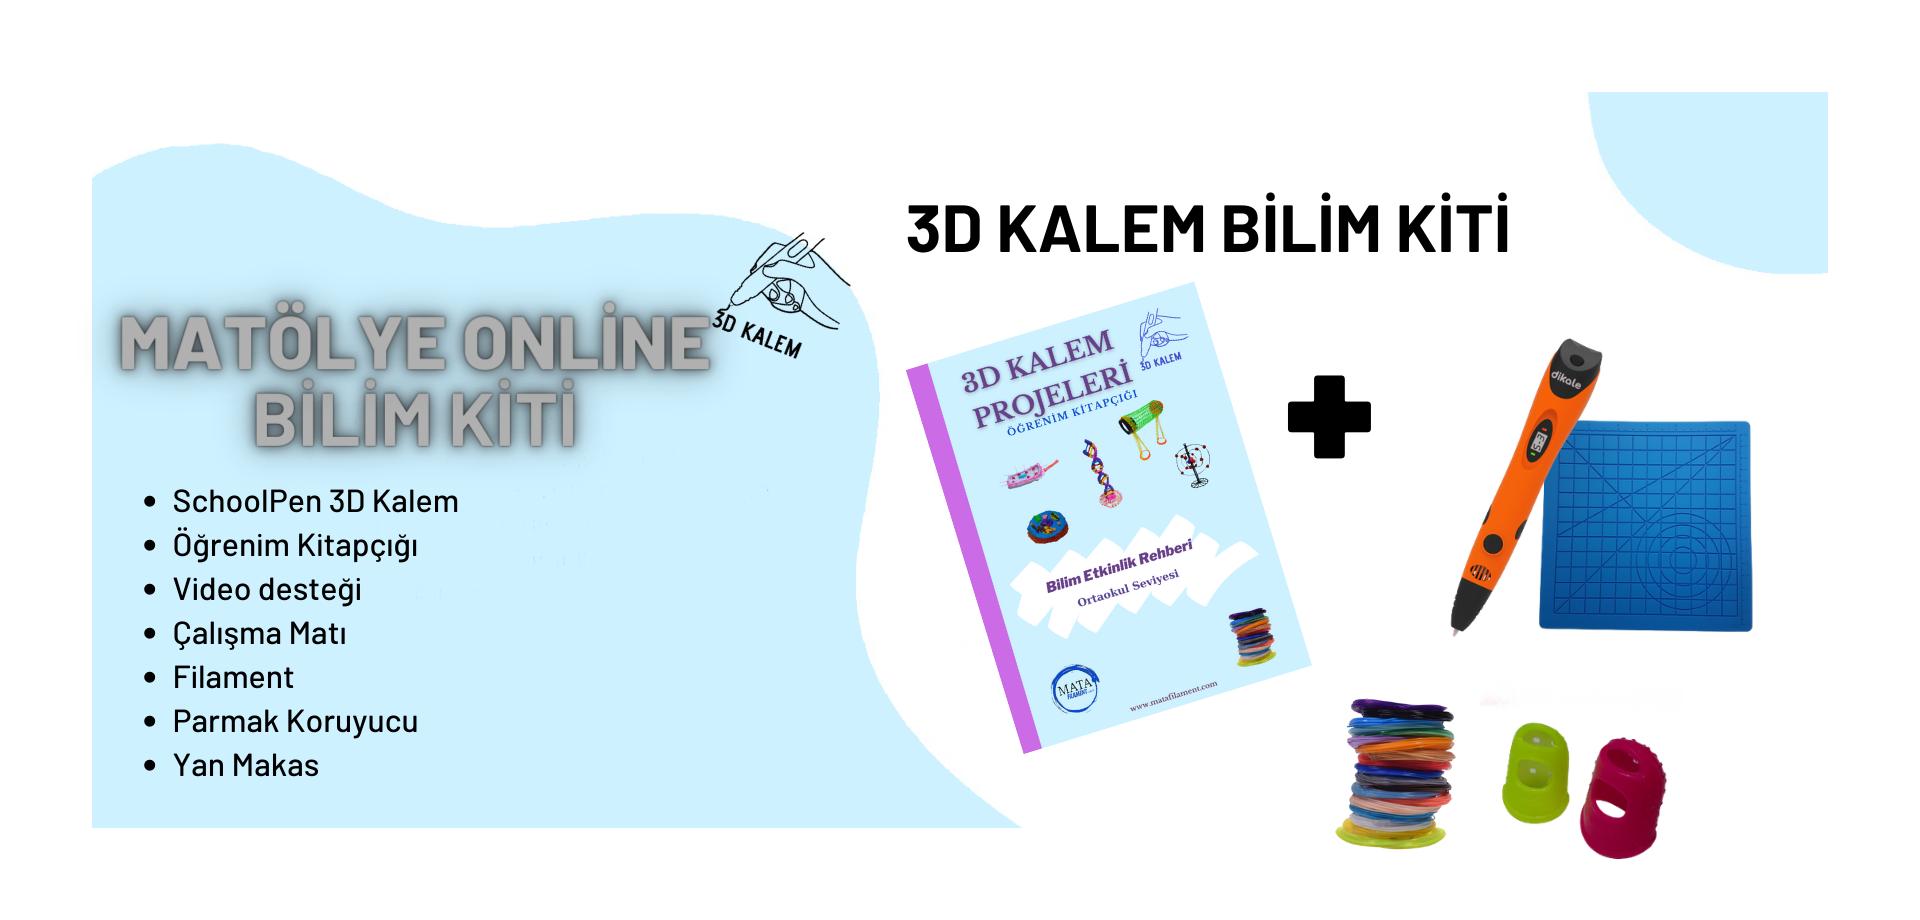 3D Kalem Bilim Kiti